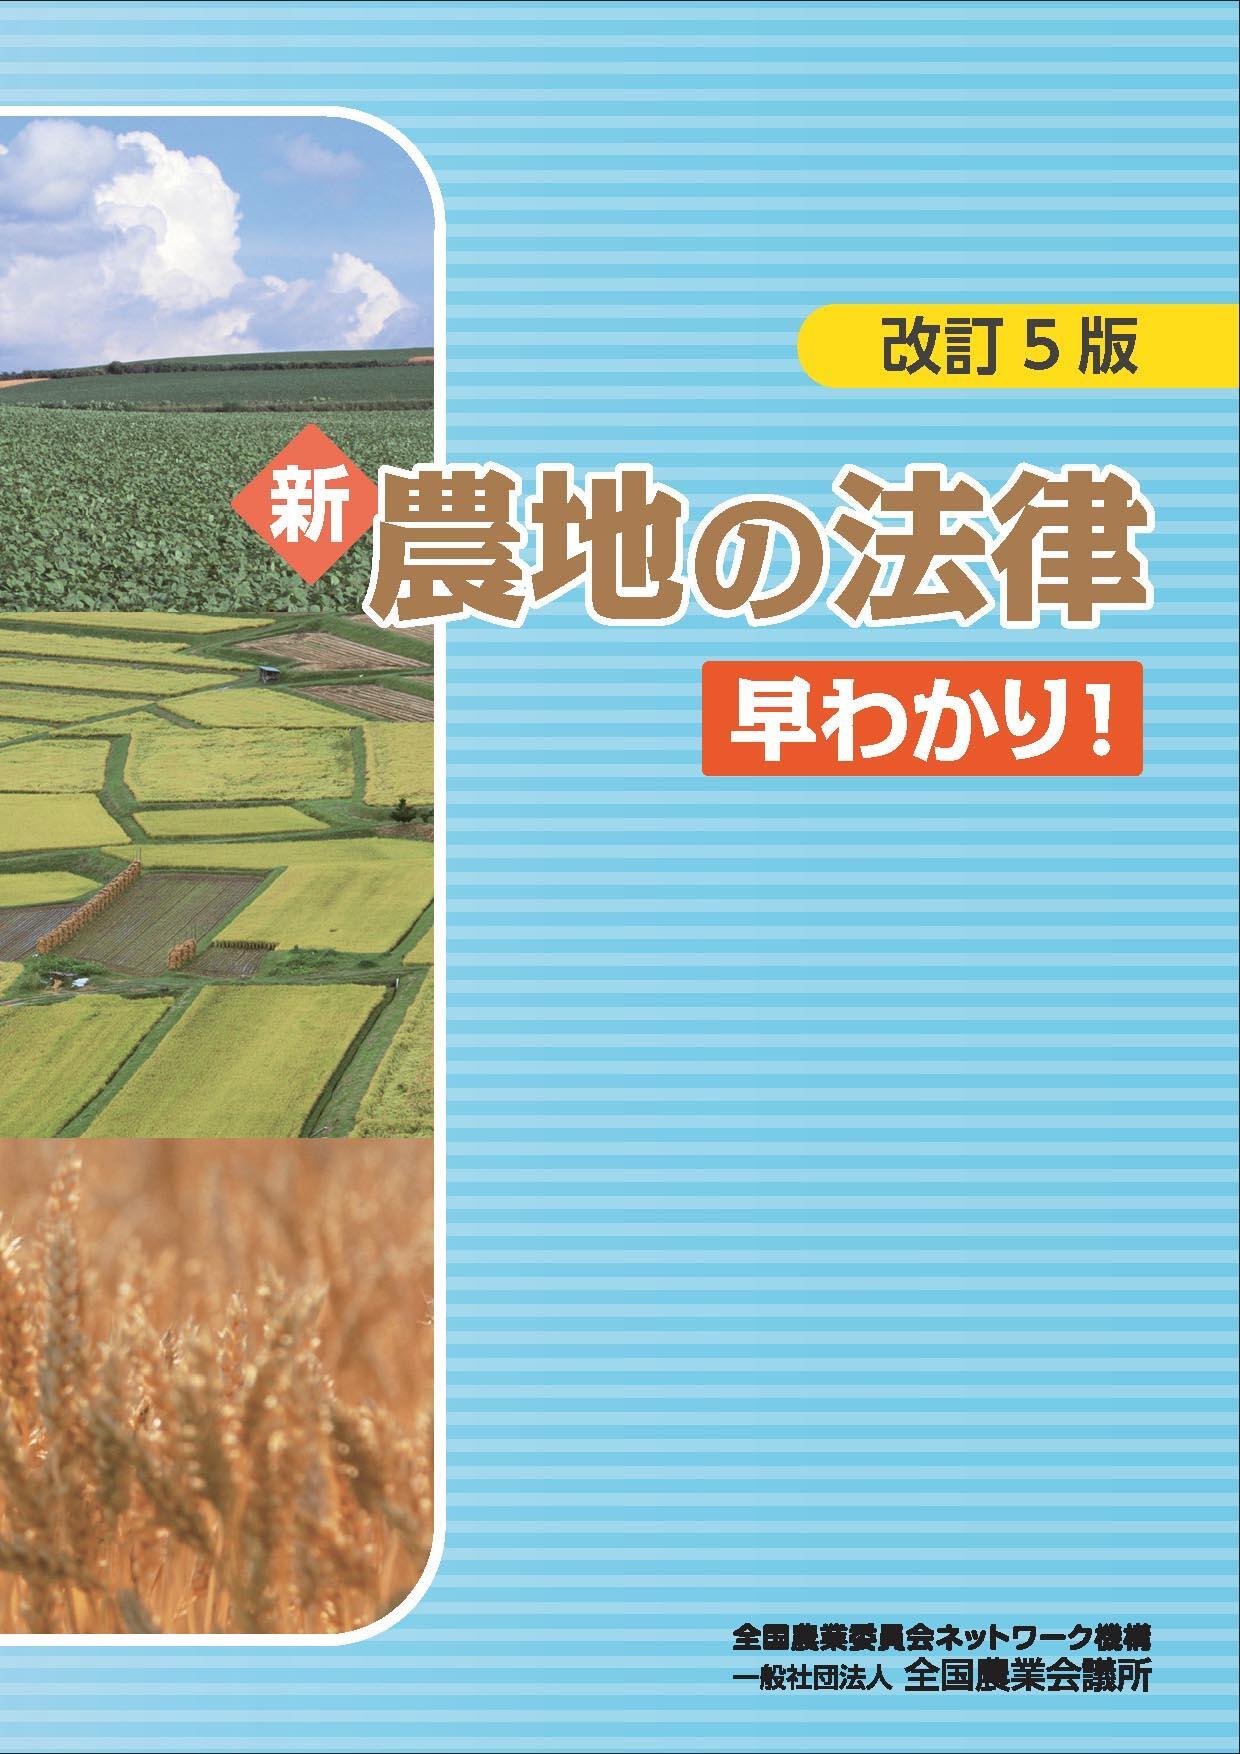 R02-32 改訂5版 新・農地の法律早わかり!_表紙.jpg